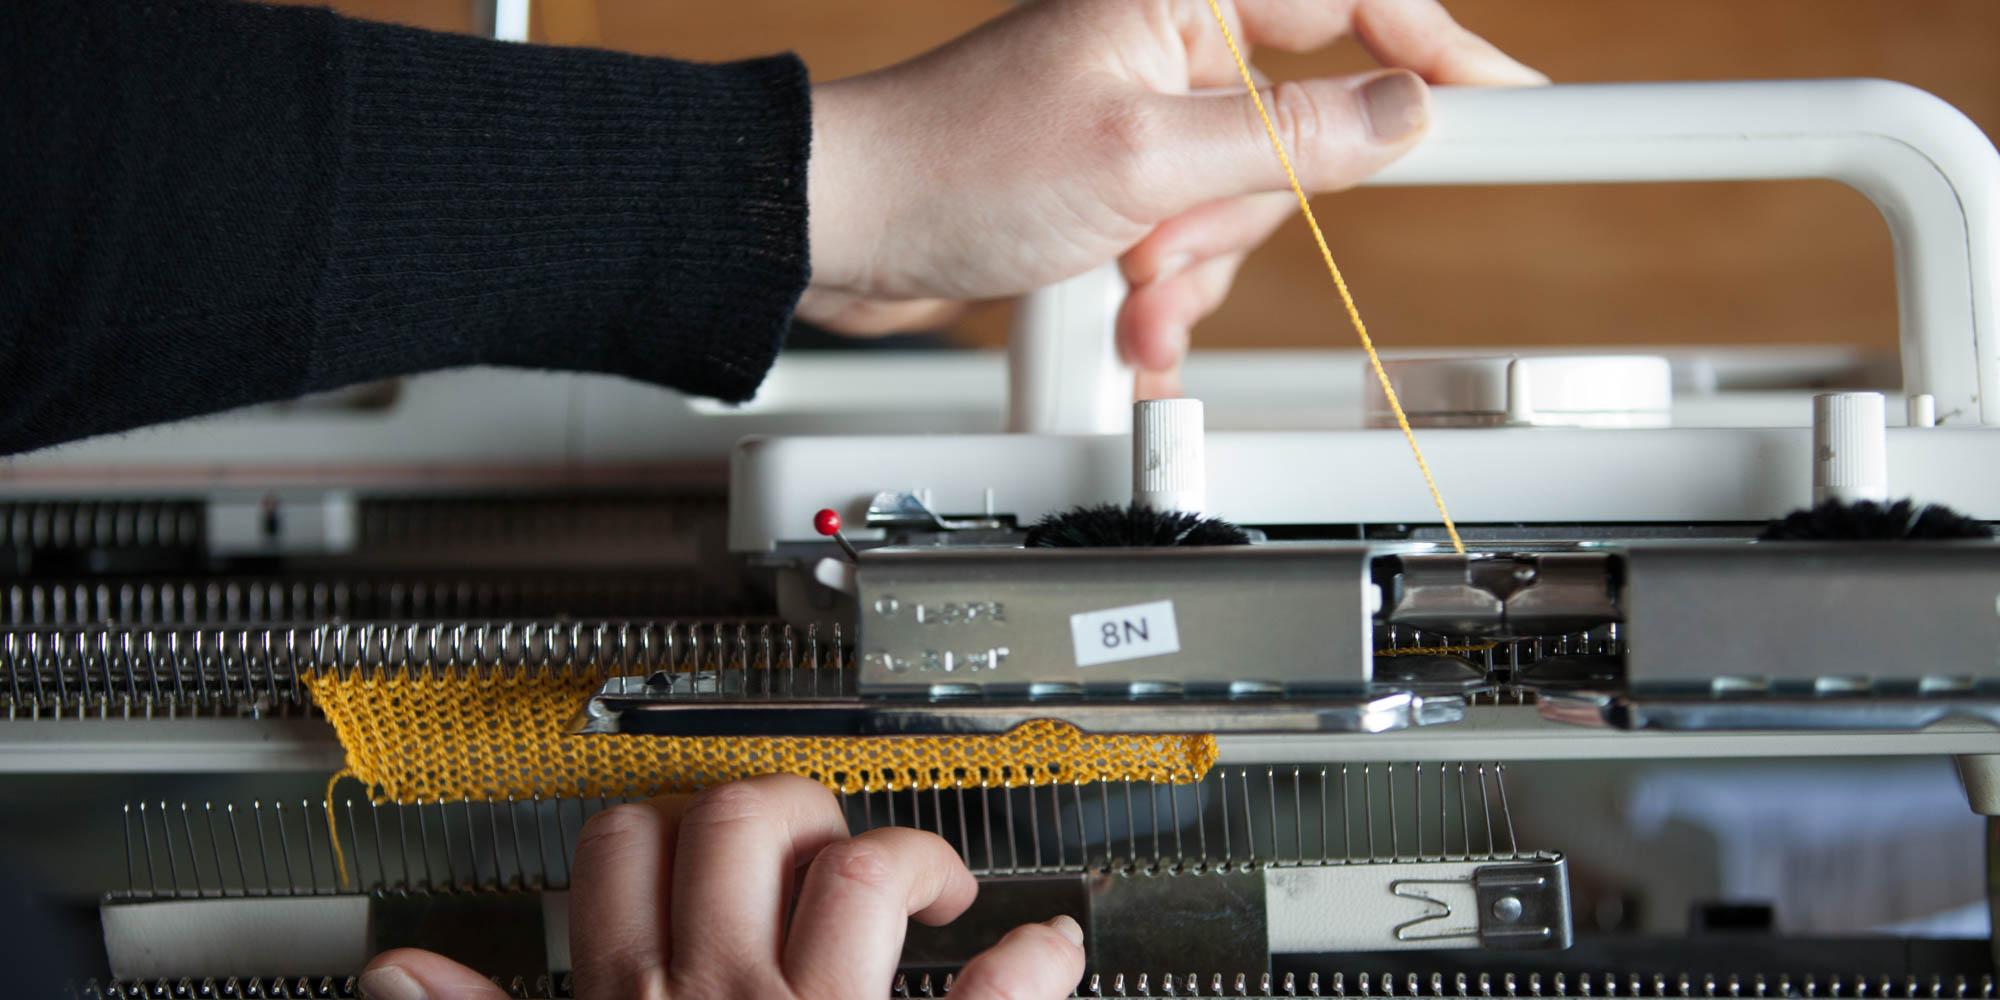 ....Montage de tricot sur machine électronique. ..Knitting on an electronic machine. ....